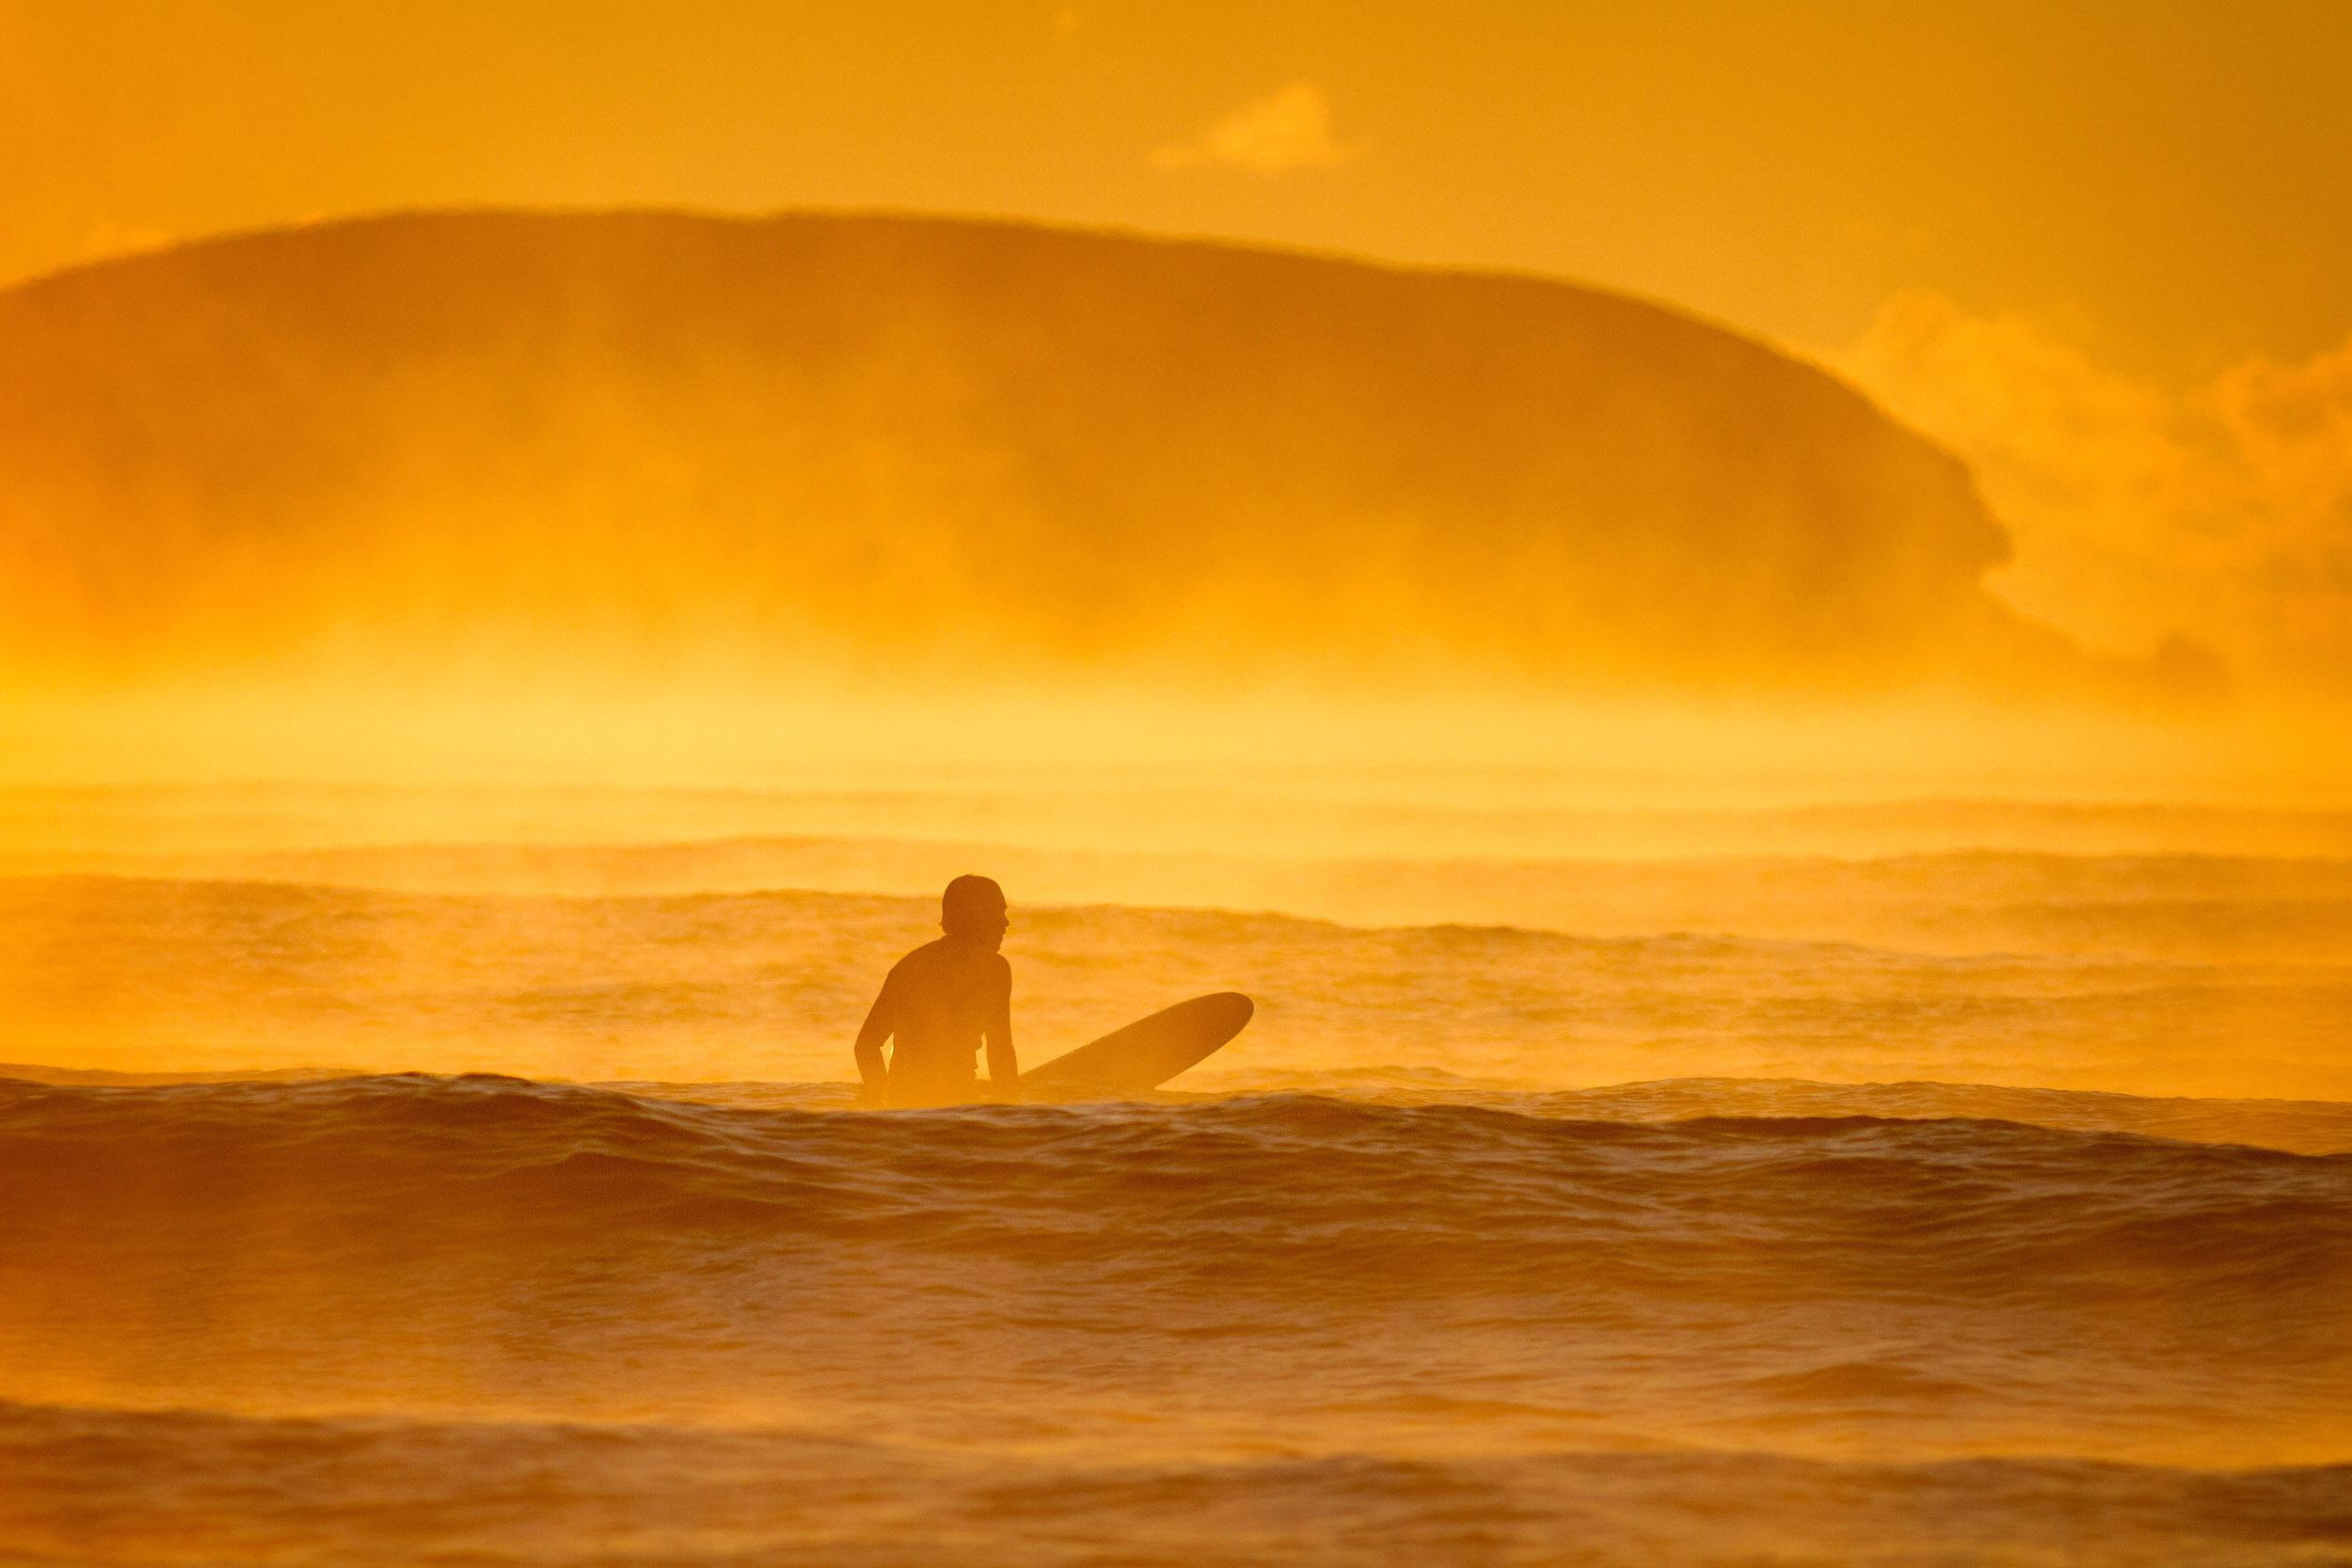 sunrise-steam-winter-mornings-S1122-214-Edit.jpg